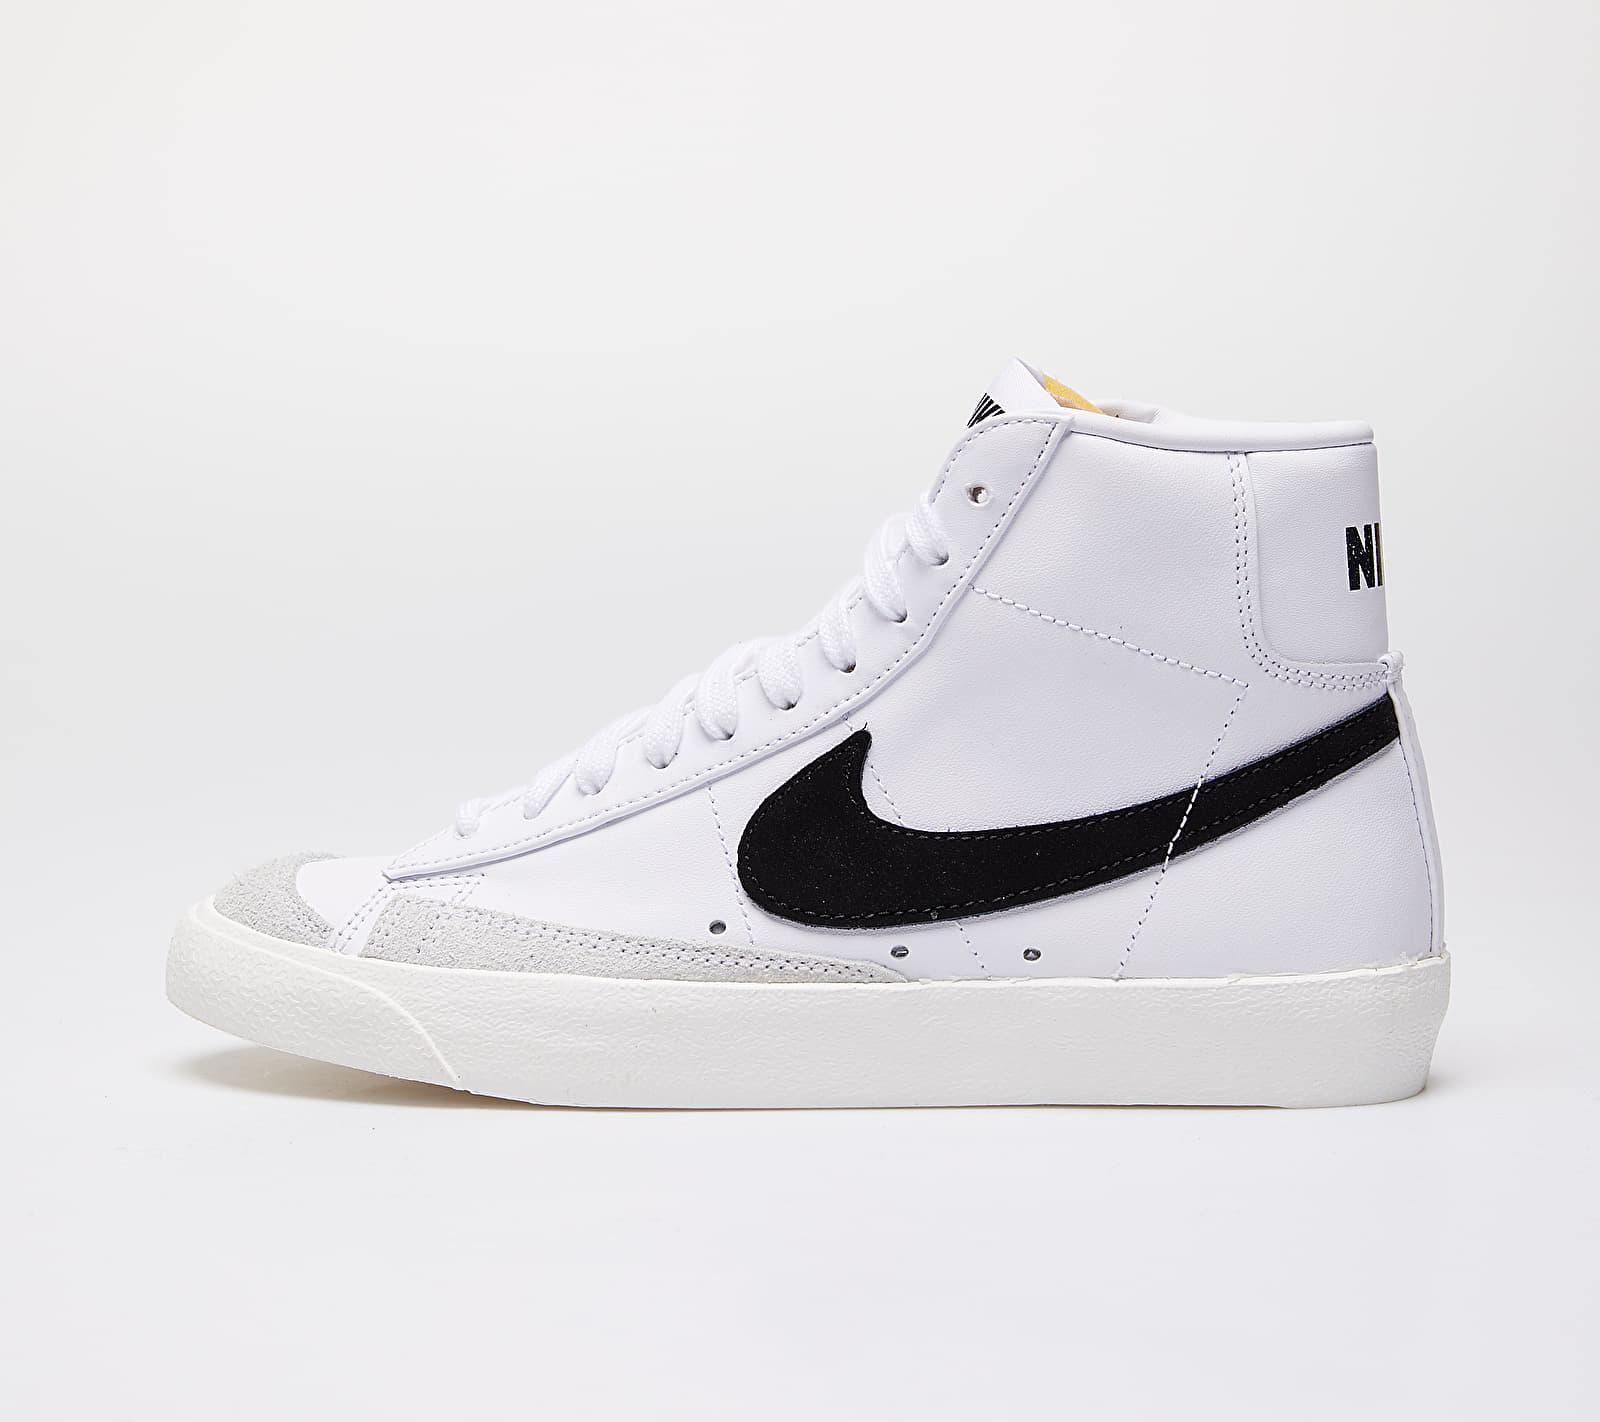 Nike Blazer Mid '77 Vintage White/ Black EUR 44.5